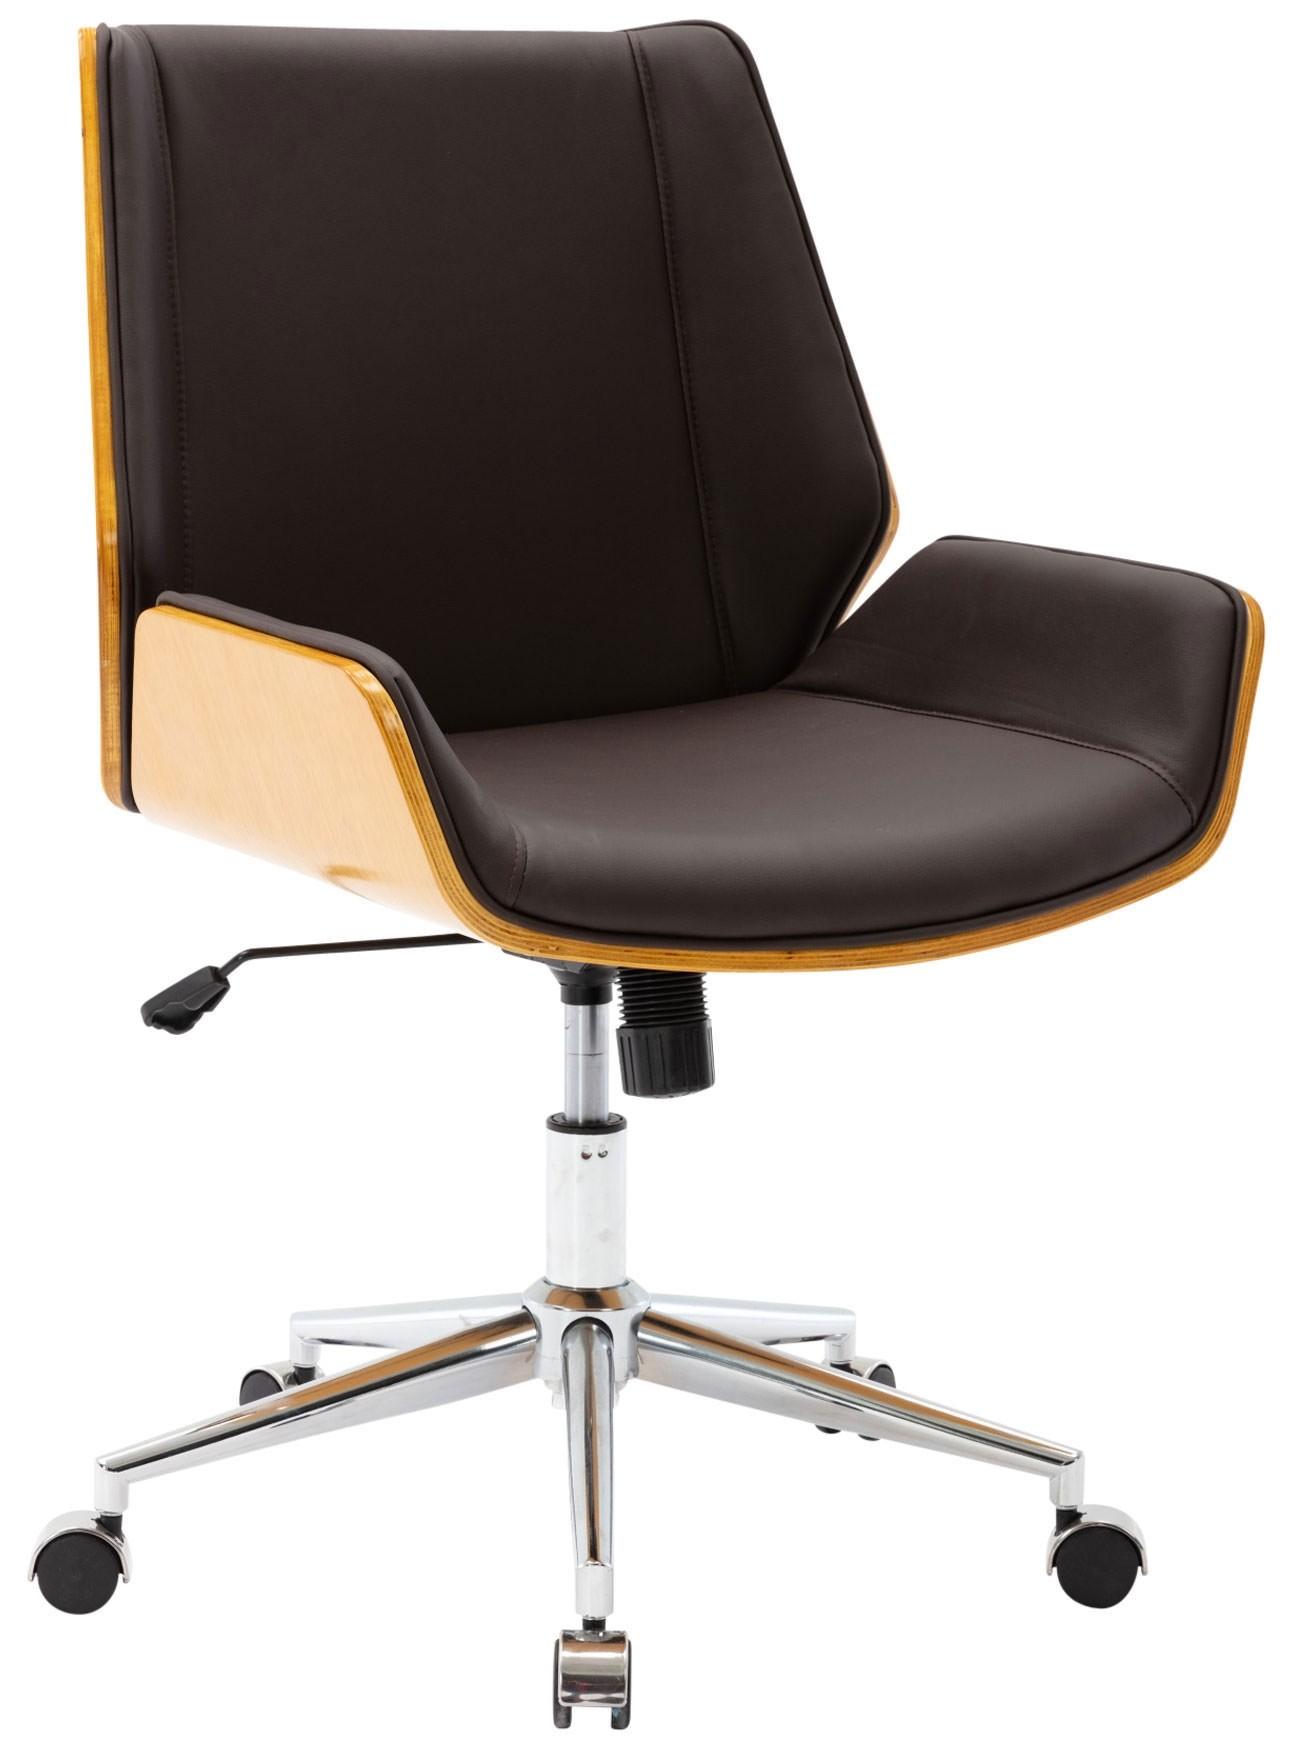 Fauteuil de bureau Zwolle en similicuir avec coque d'assise en bois